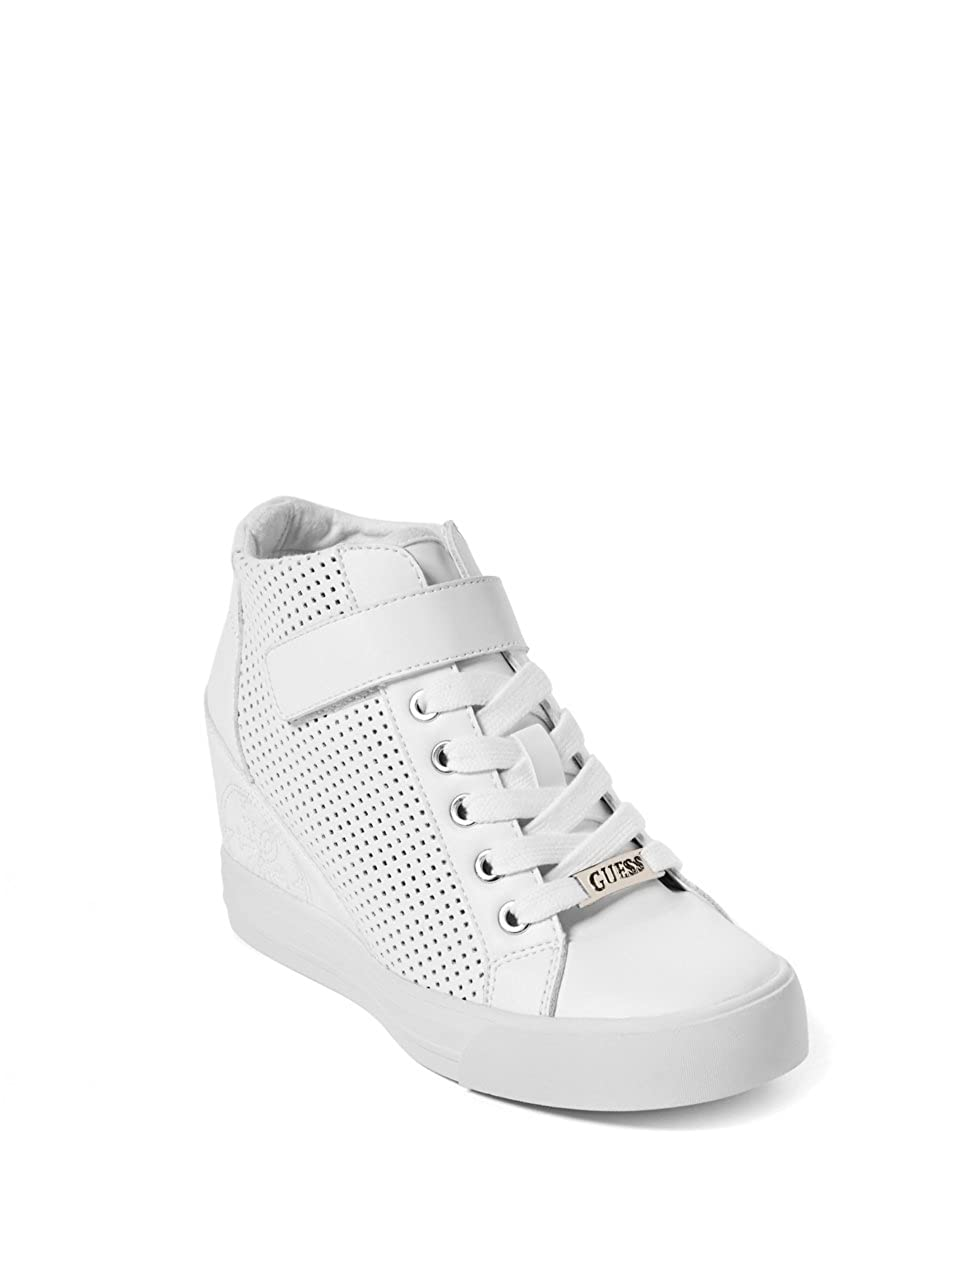 Guess Women's DECIA2 Sneaker, White, 5 M US